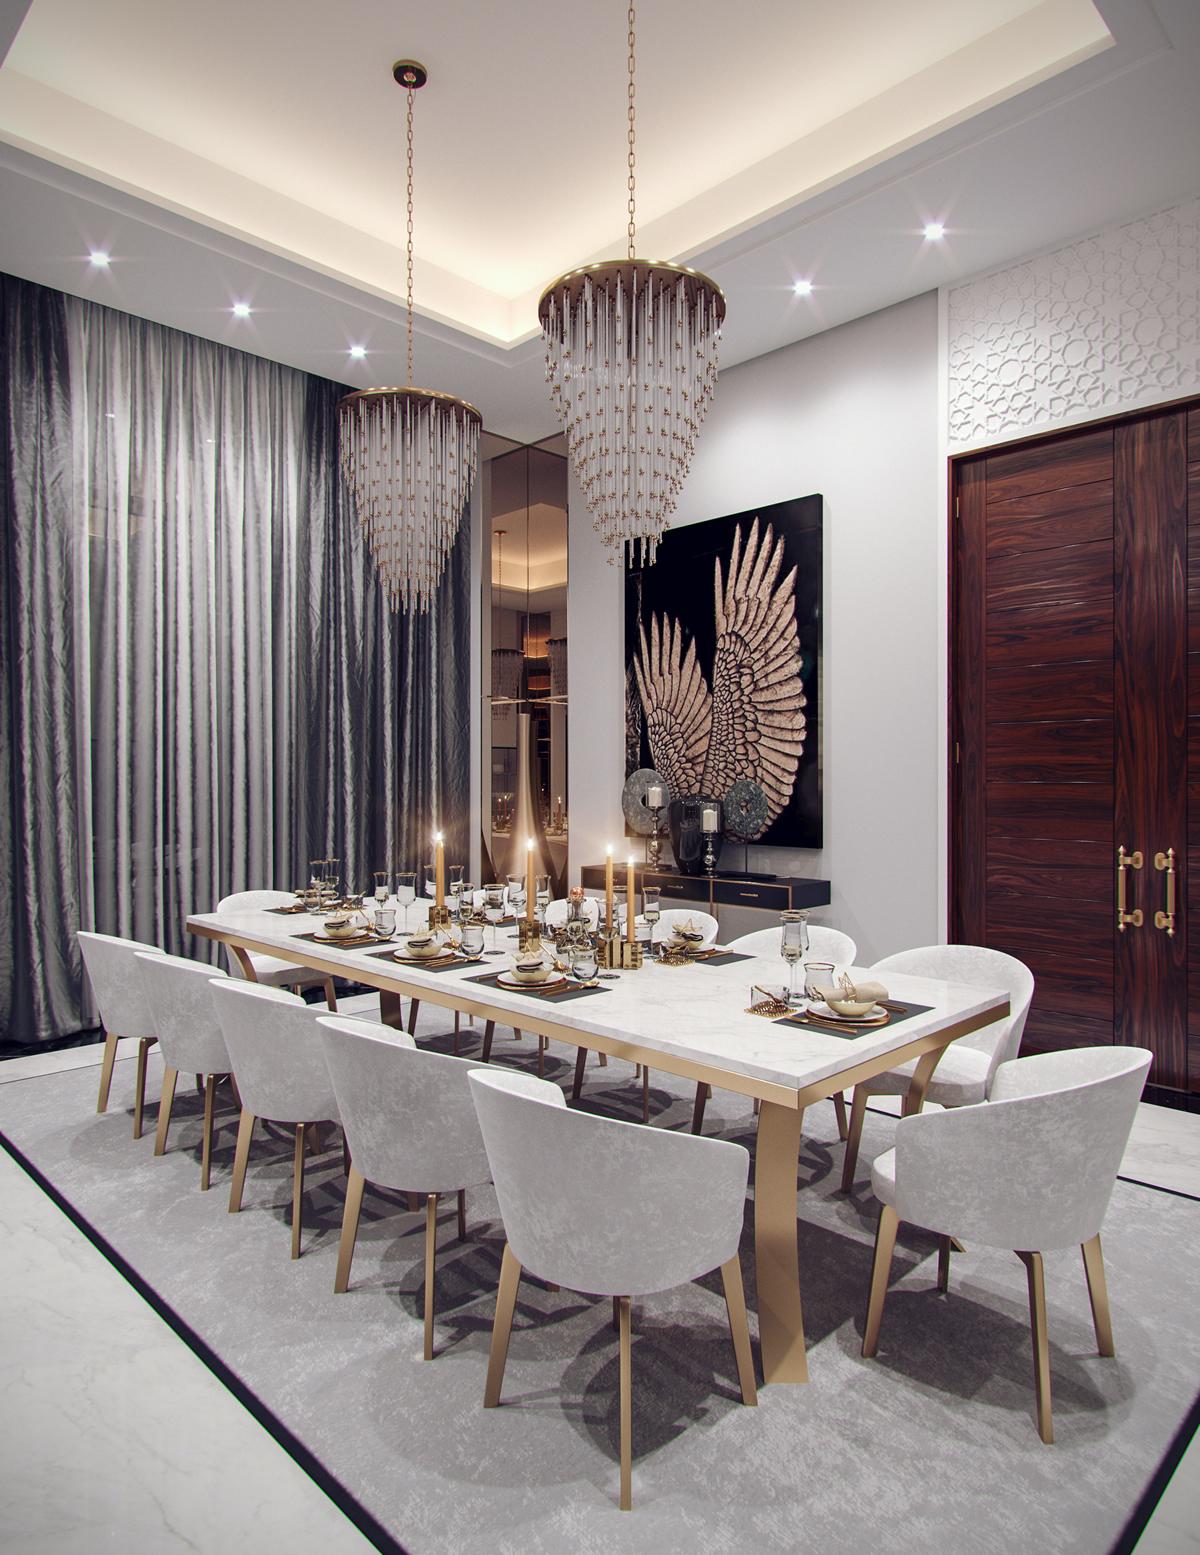 Family Villa Contemporary Arabic Interior Design ...